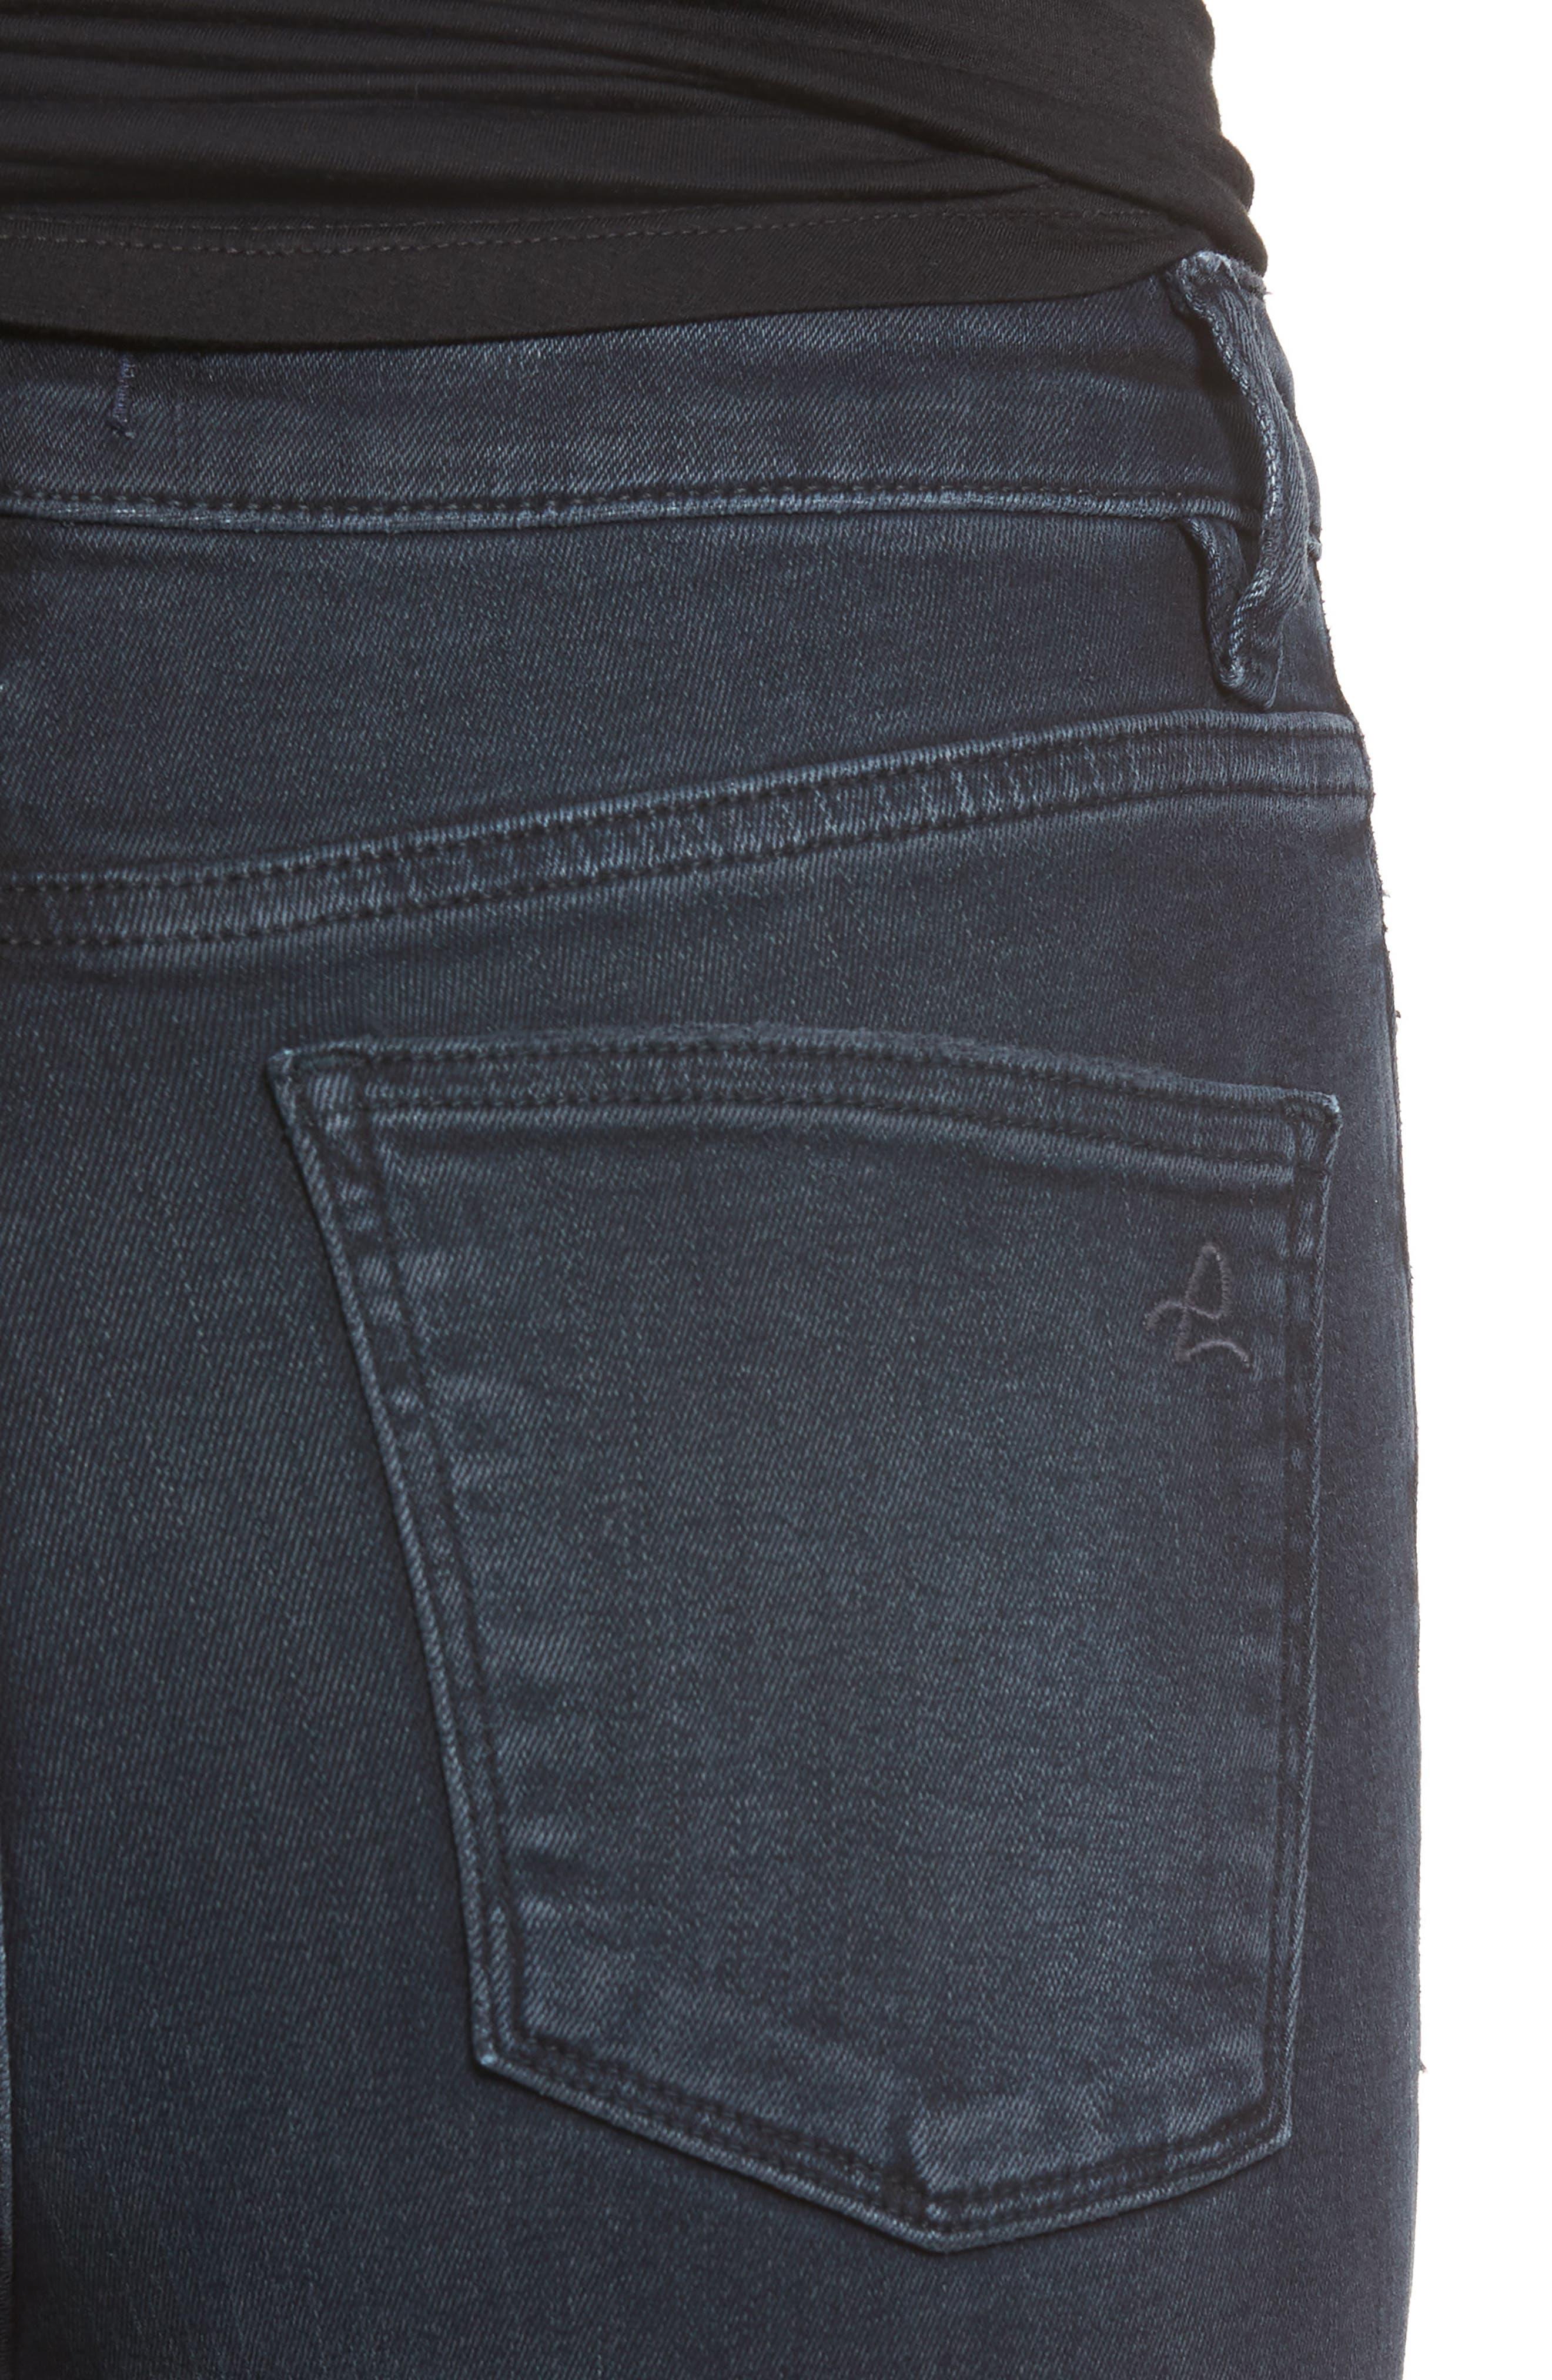 Chrissy Ultra High Waist Ankle Skinny Jeans,                             Alternate thumbnail 4, color,                             PORTER